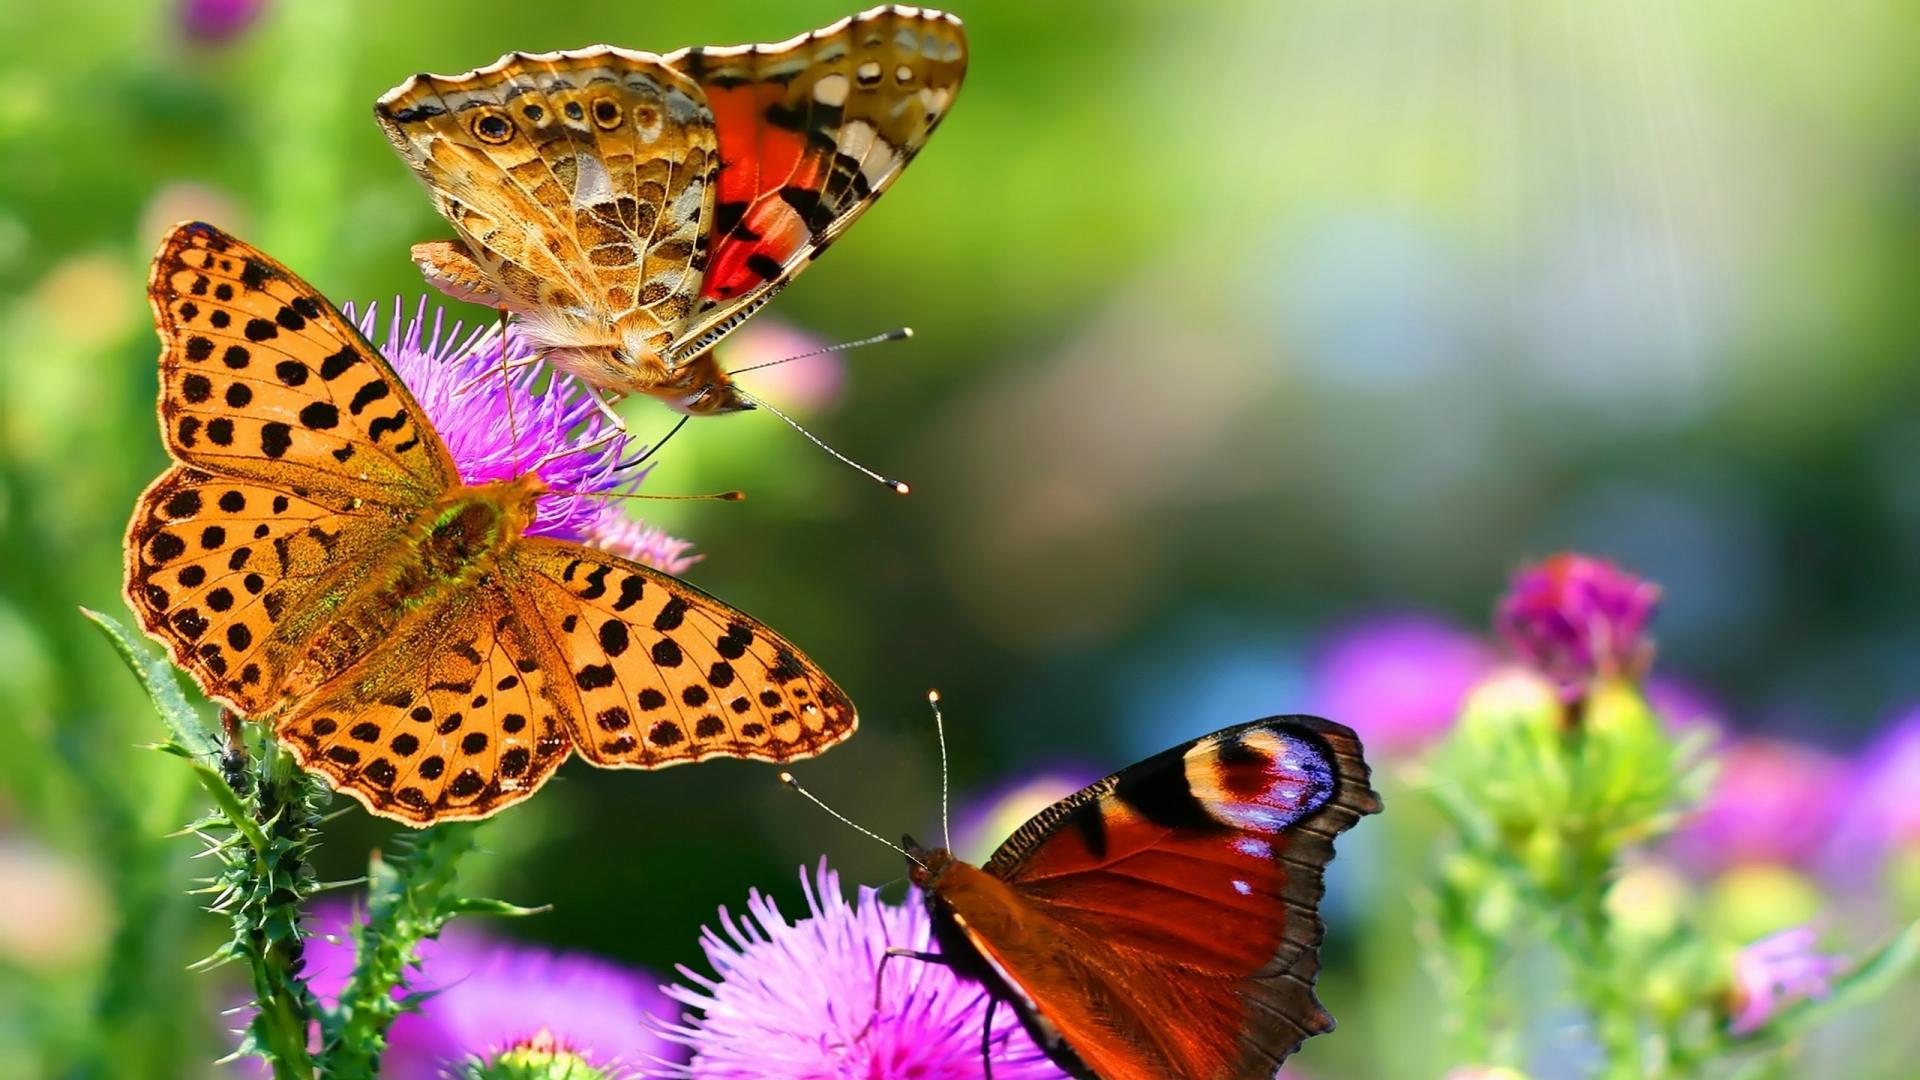 Cool Butterfly Desktop Wallpapers HD 1920x1080